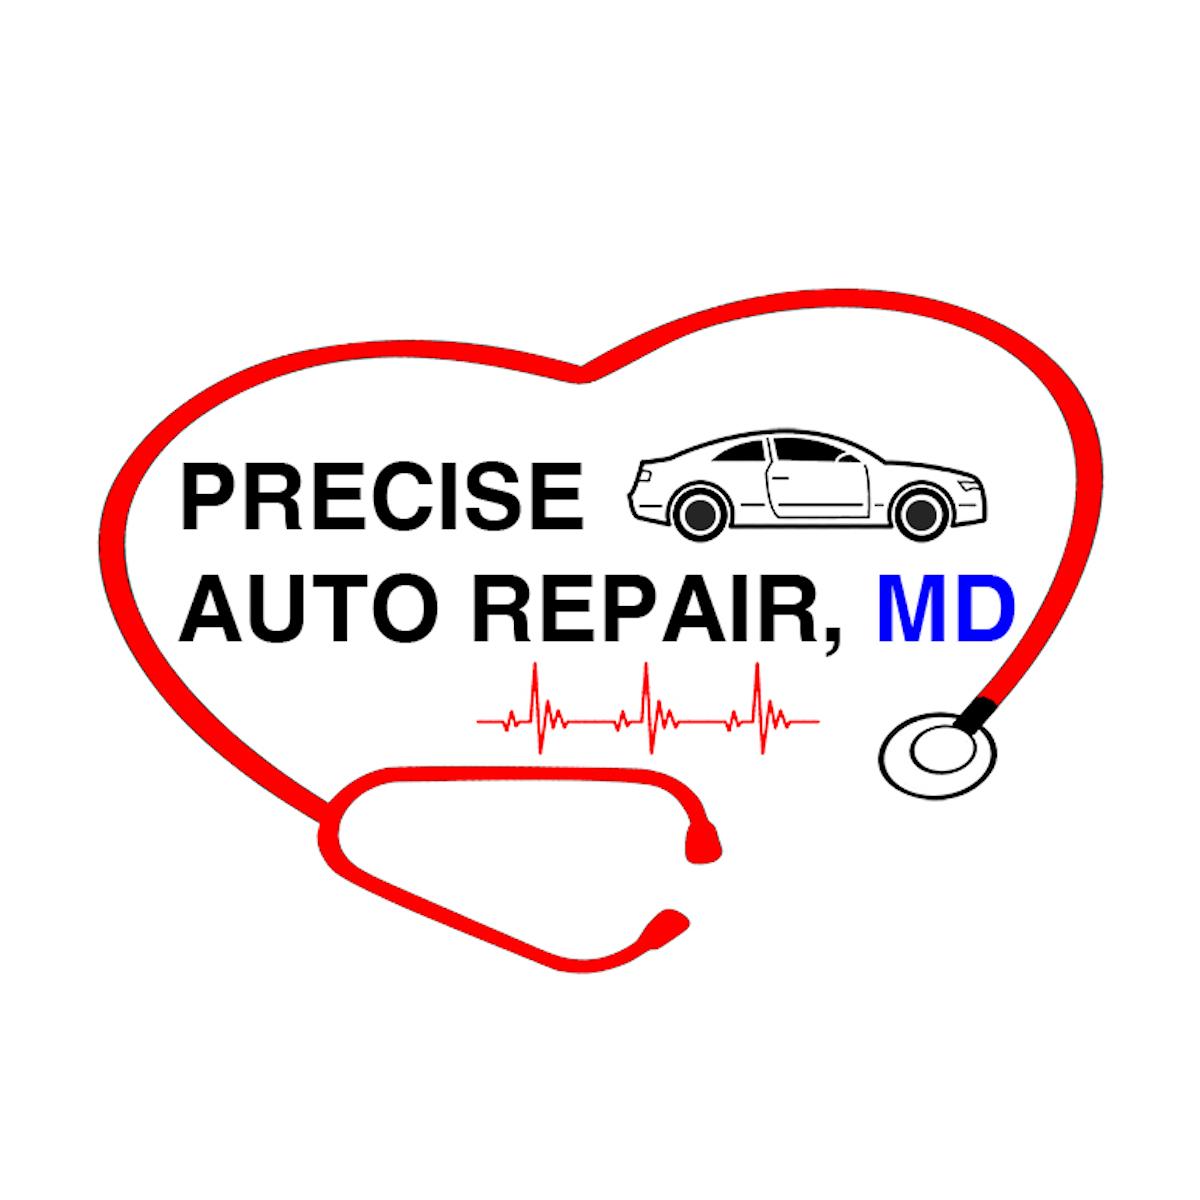 Precise Auto Repair, MD